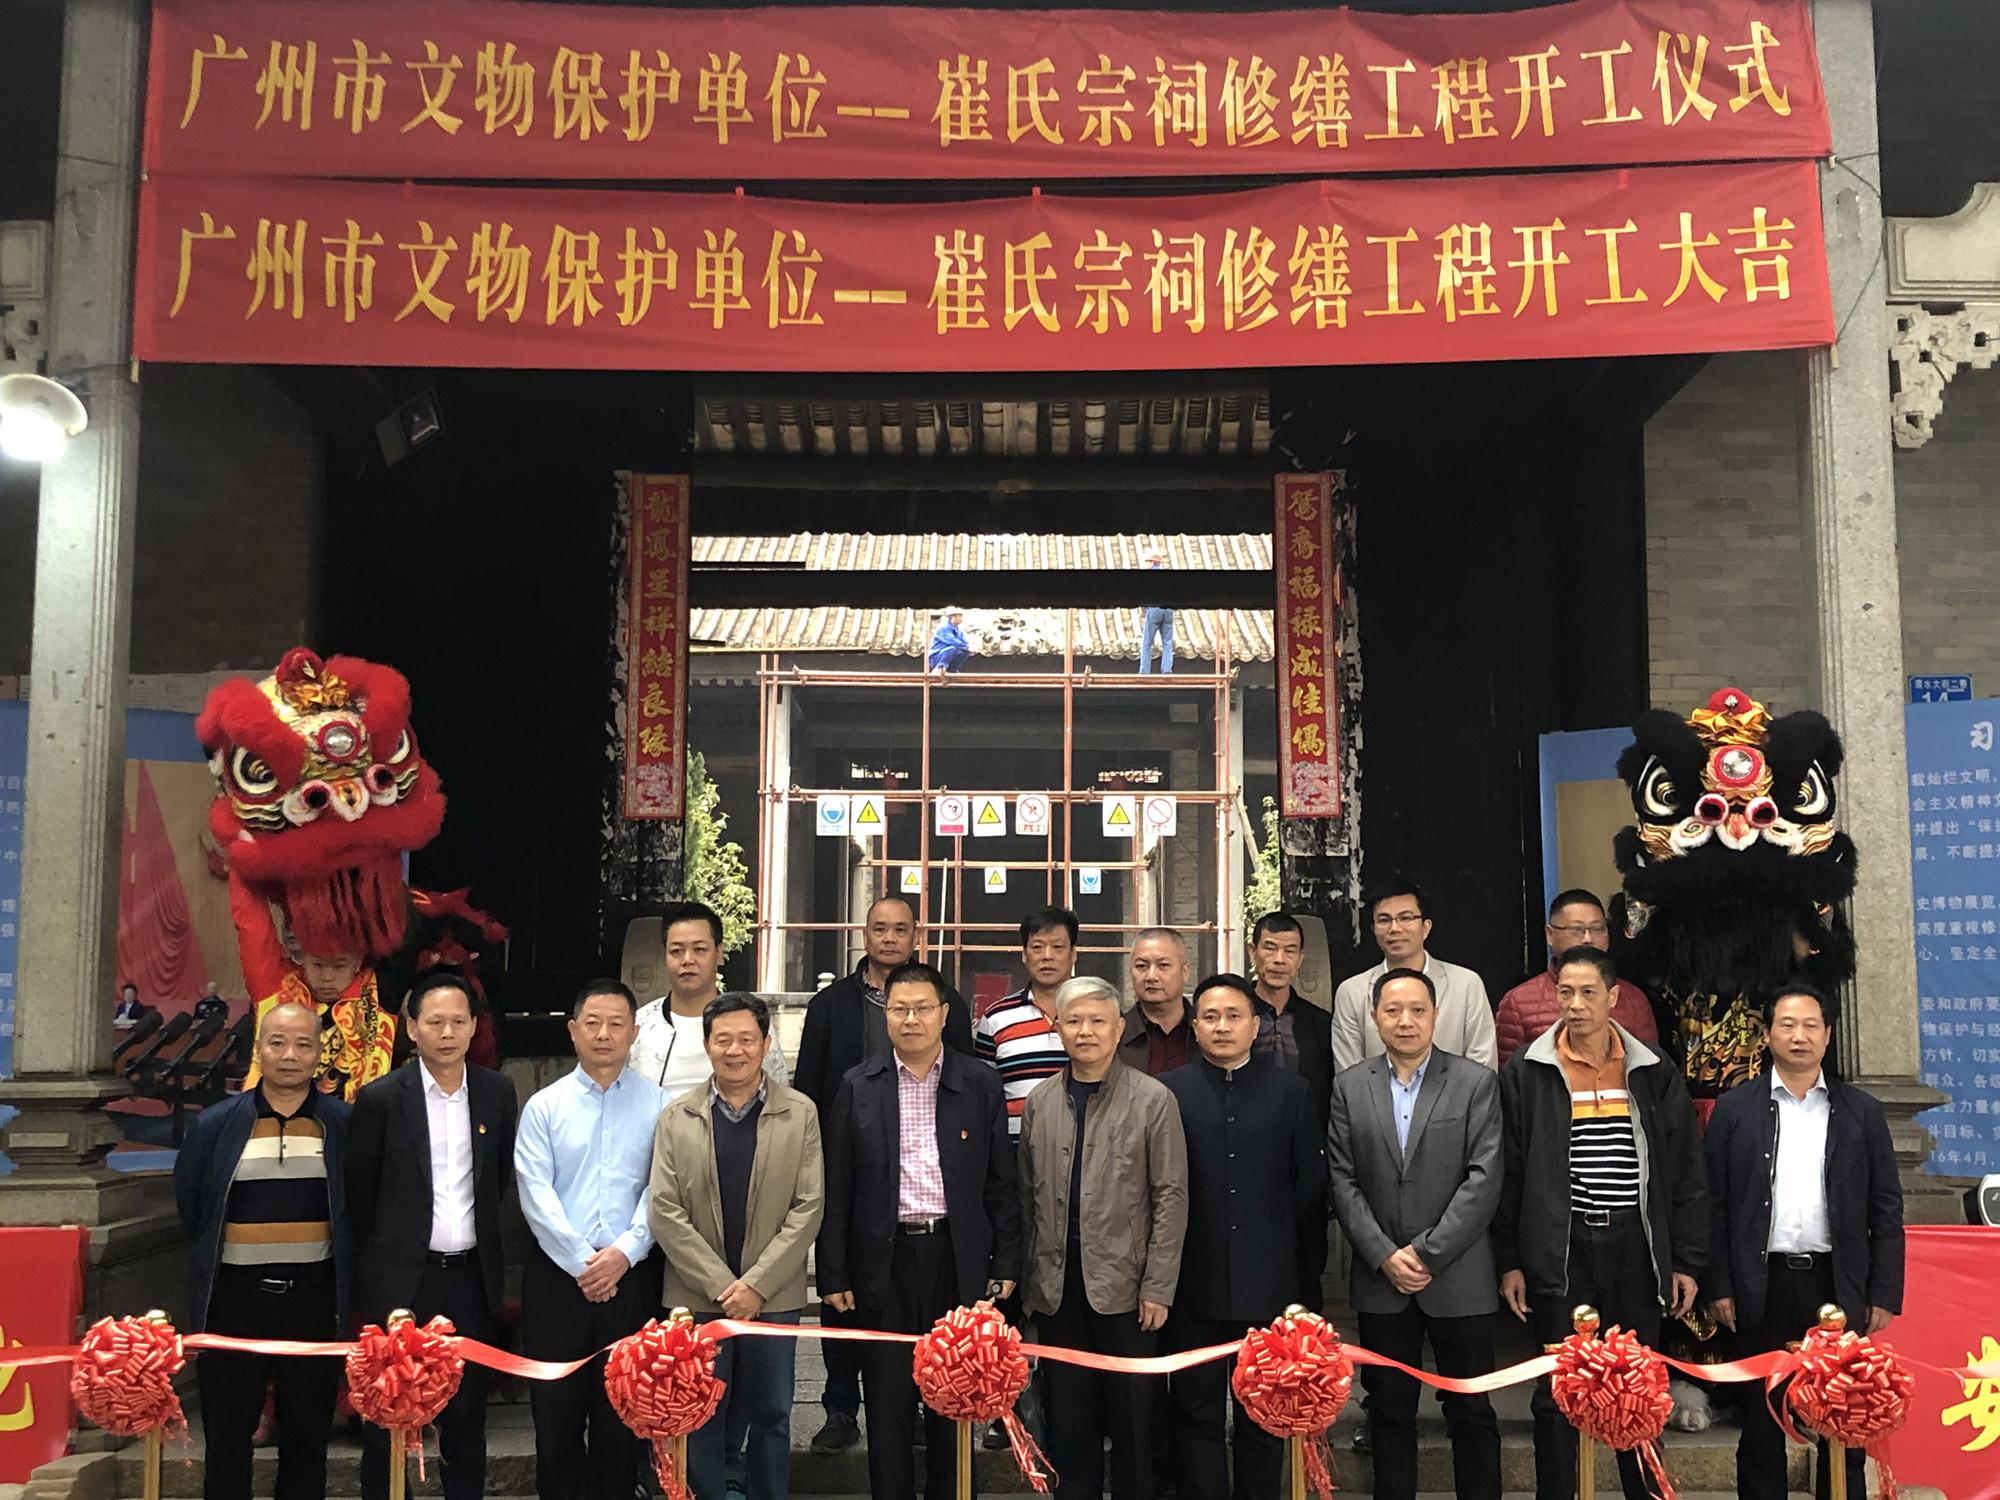 施工現場 | 廣州市文物保護單位北亭崔氏宗祠修繕工程今日開工